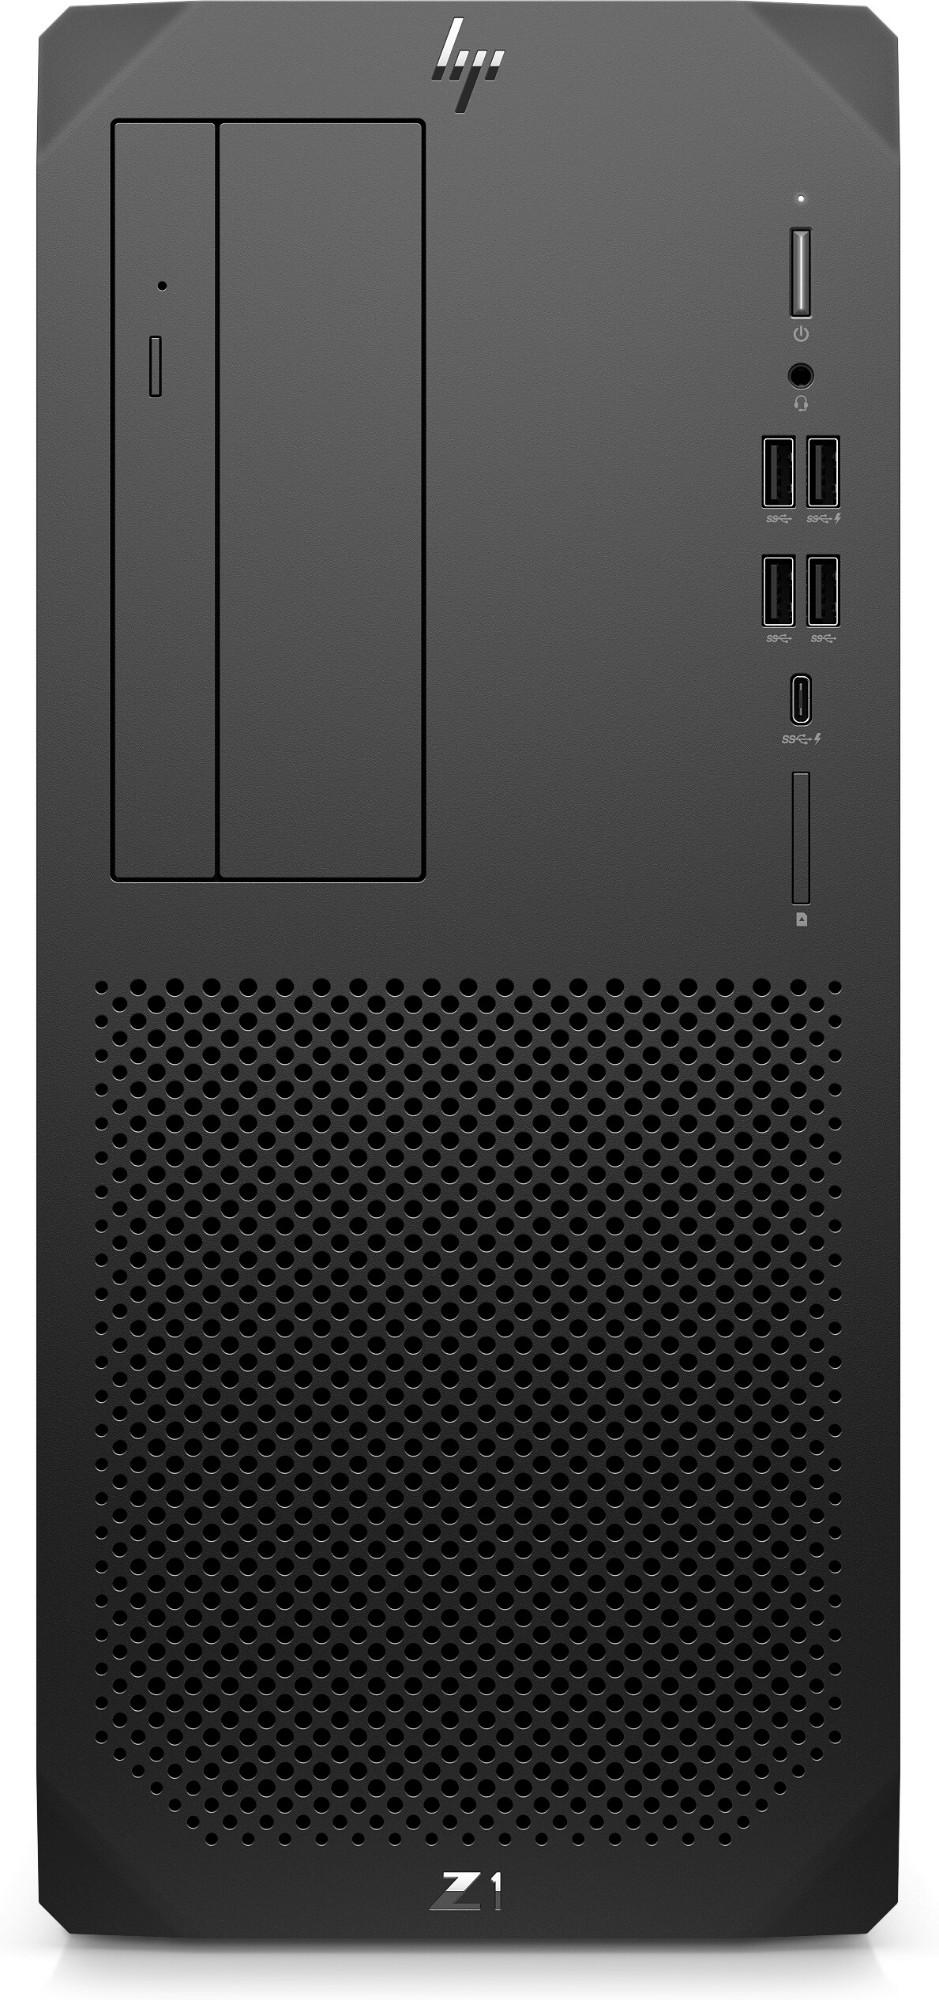 HP Z1 G8 DDR4-SDRAM i7-11700 Tower 11th gen Intel-� Core��� i7 16 GB 512 GB SSD Windows 10 Pro PC Black